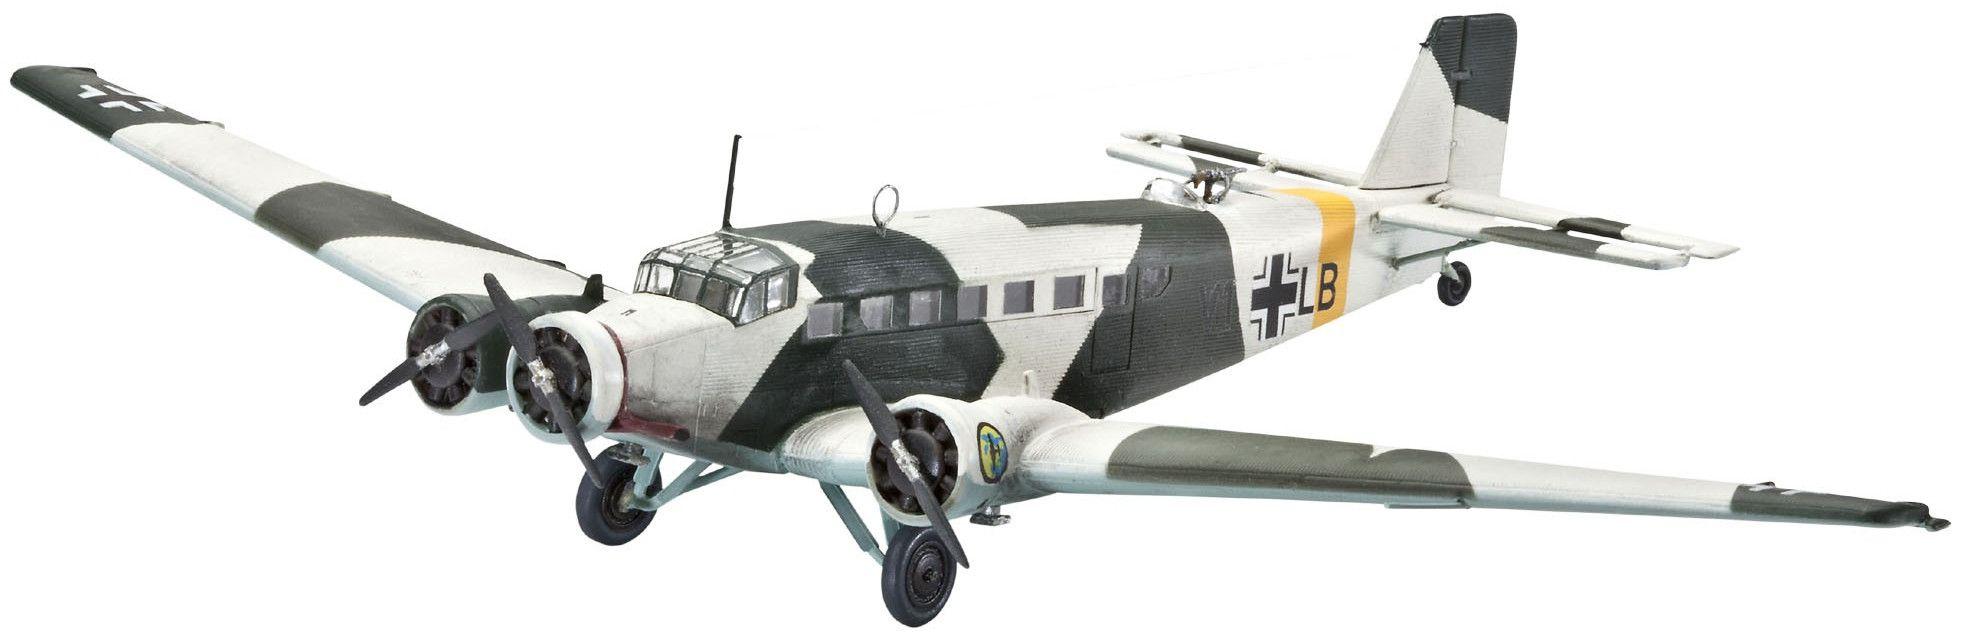 Сглобяем модел на военен самолет Revell Junkers - Ju52/3m (04843) - 1